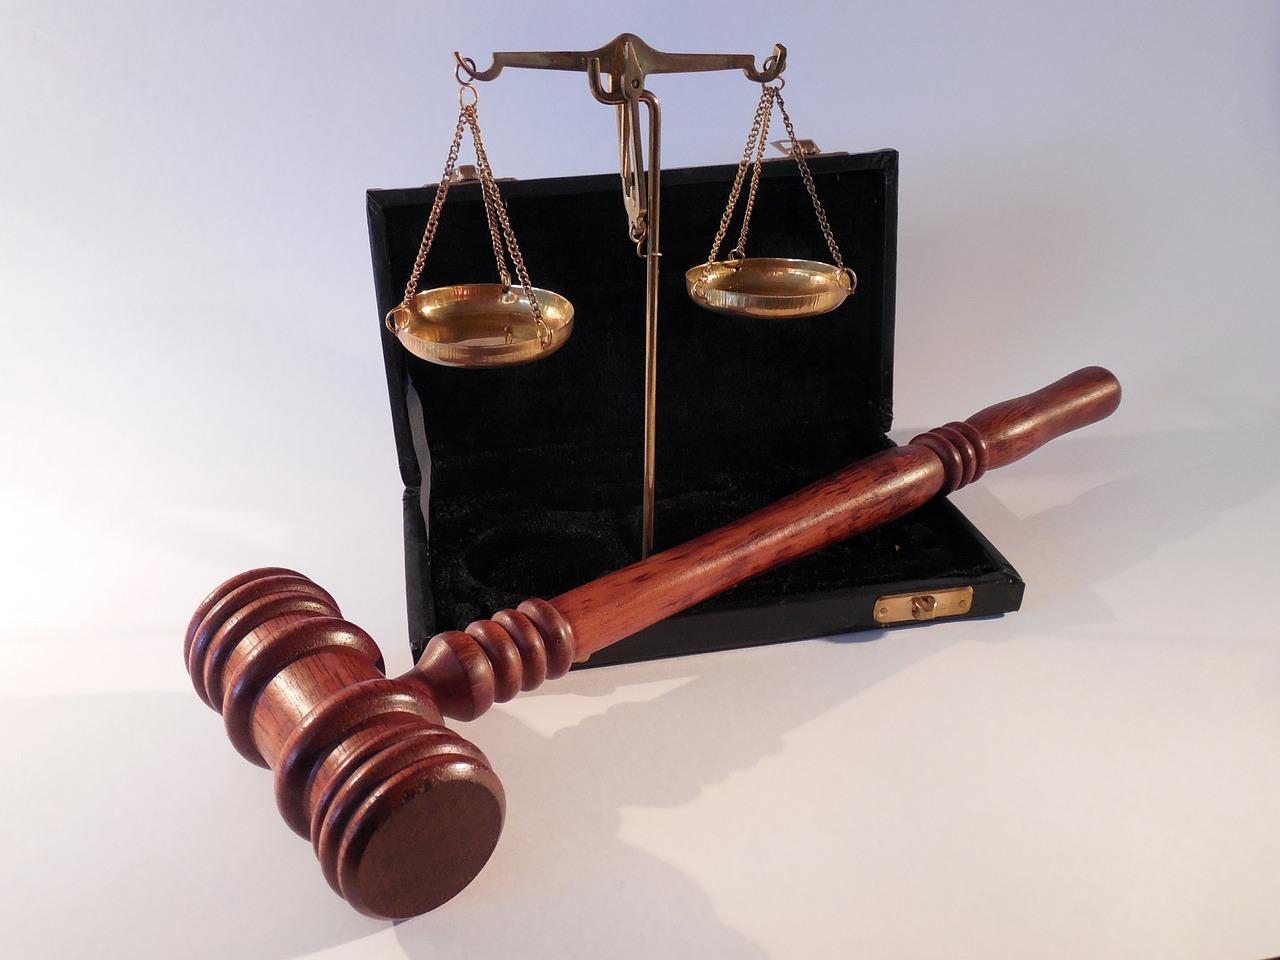 Die besten Geschenke für Juristen – unabhängig vom Anlass!